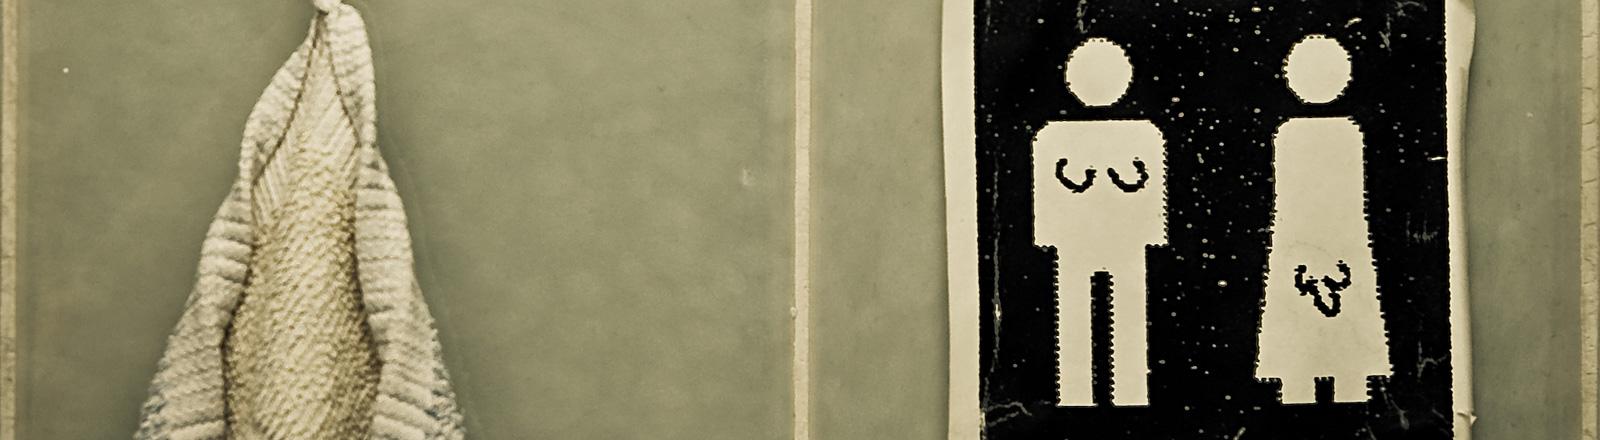 Auf Fliesen in einem Badezimmer hängt ein Schild, das Piktogramme einer Frau und eines Mannes zeigt. Der Frau wurde ein Penis gezeichnet und dem Mann ein Busen.